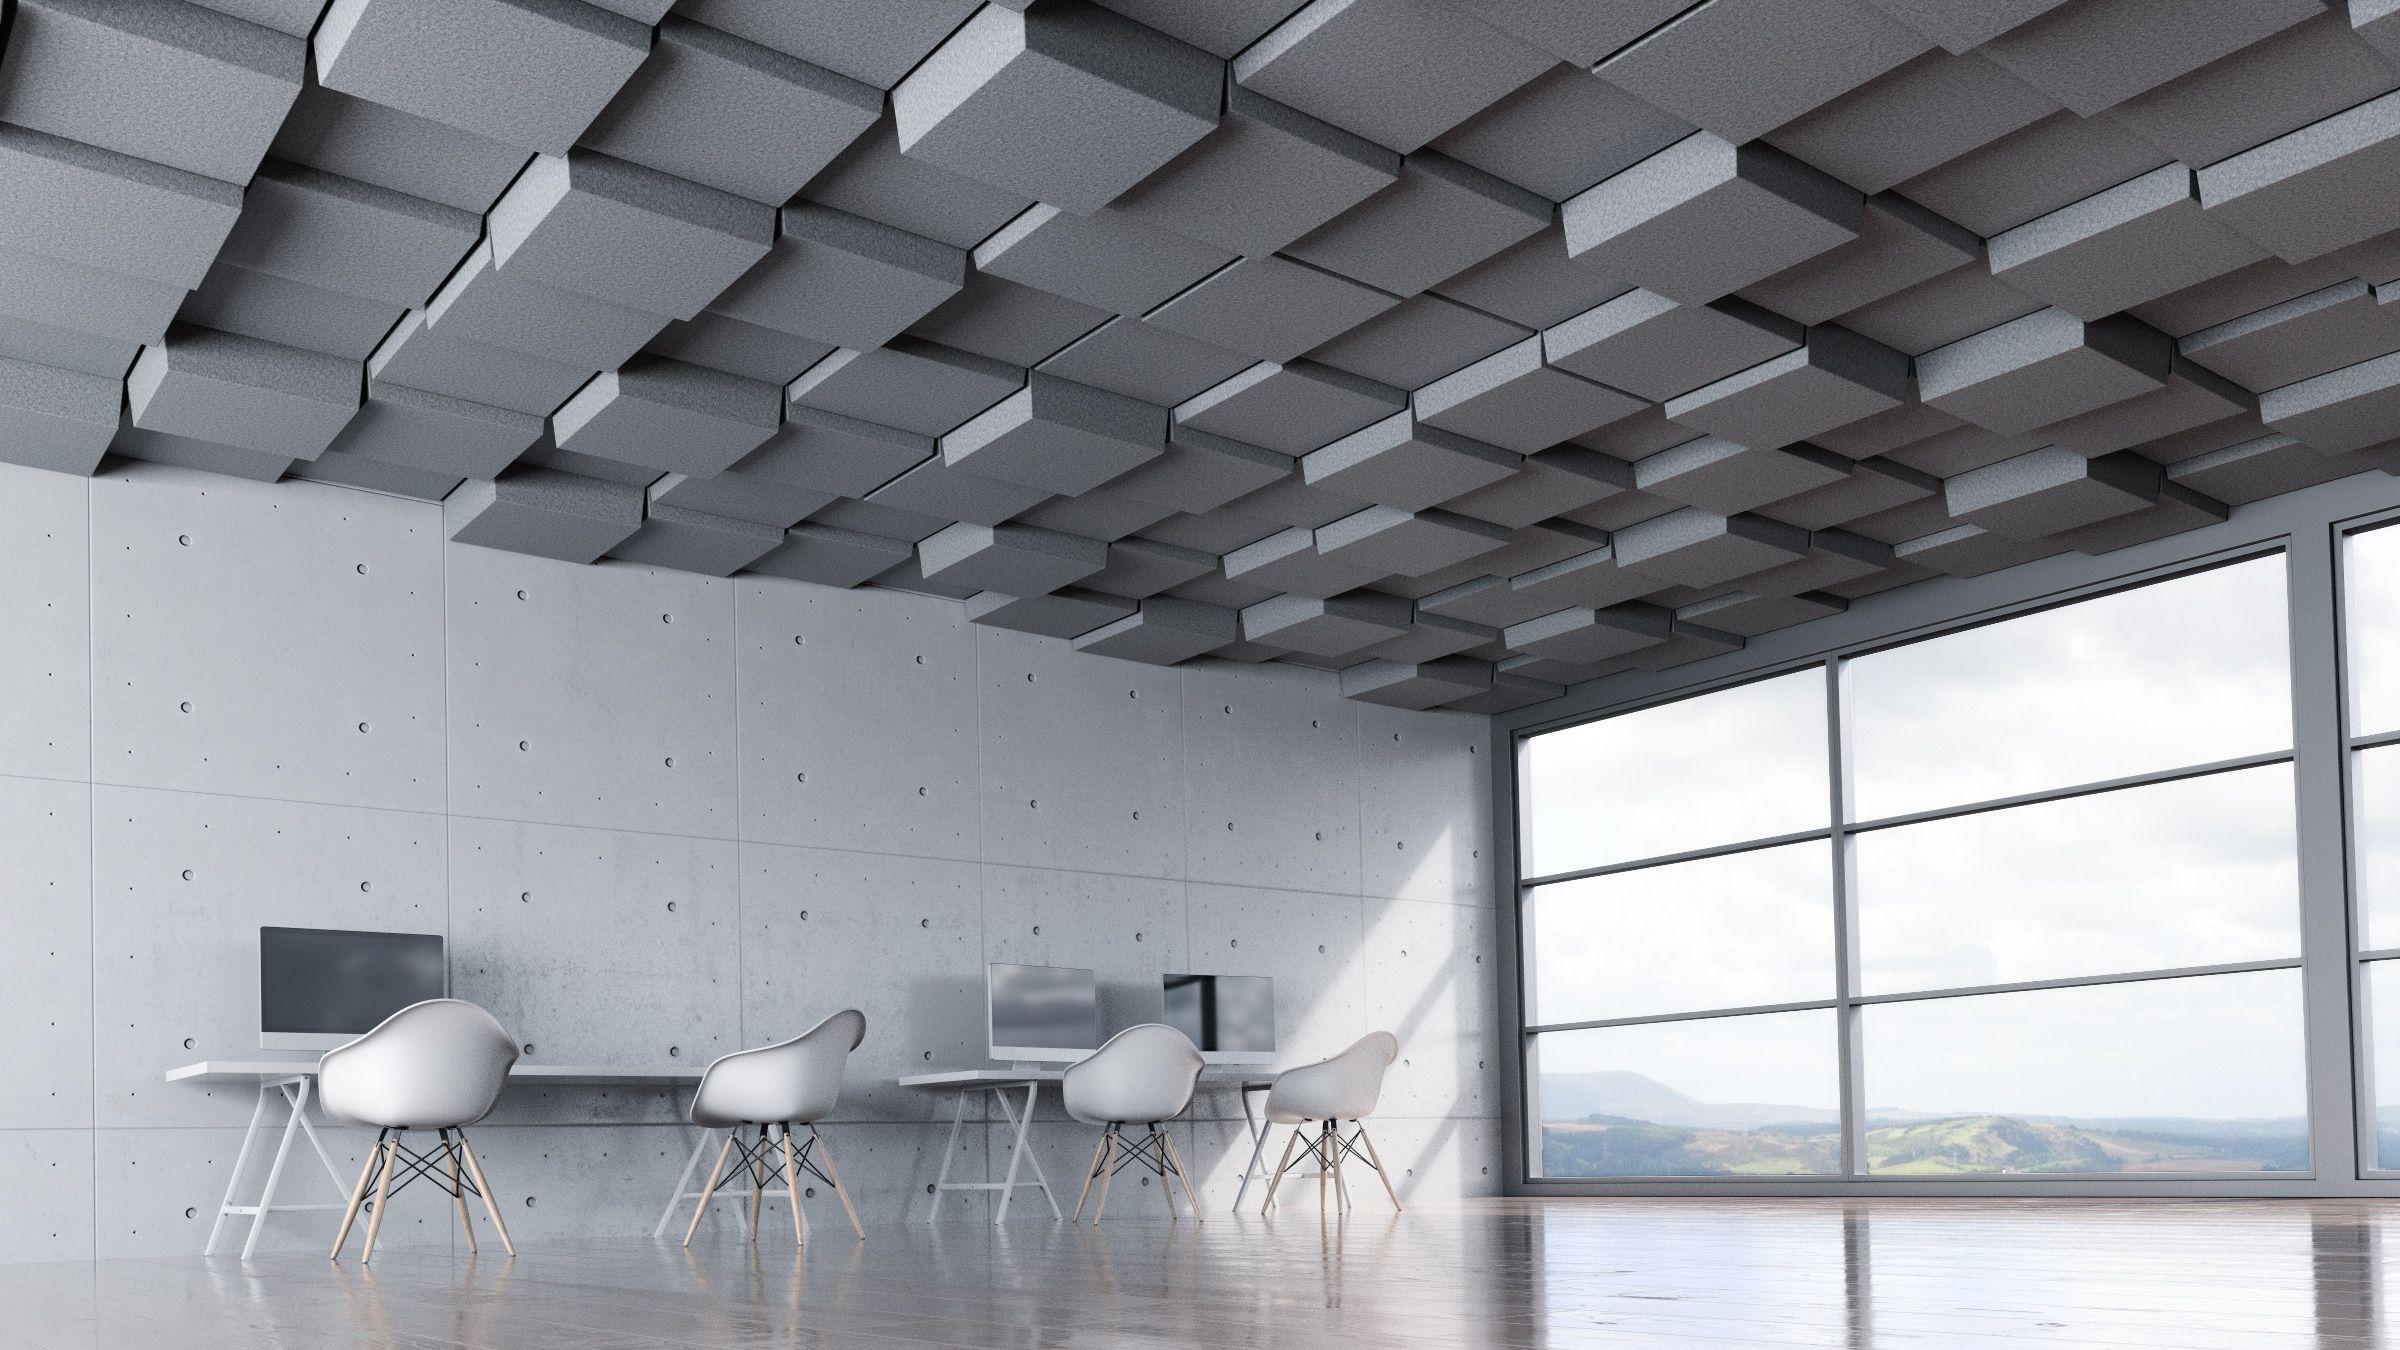 Urban Ceiling Tile Turf Turfsign Pinterest Ceiling Tiles